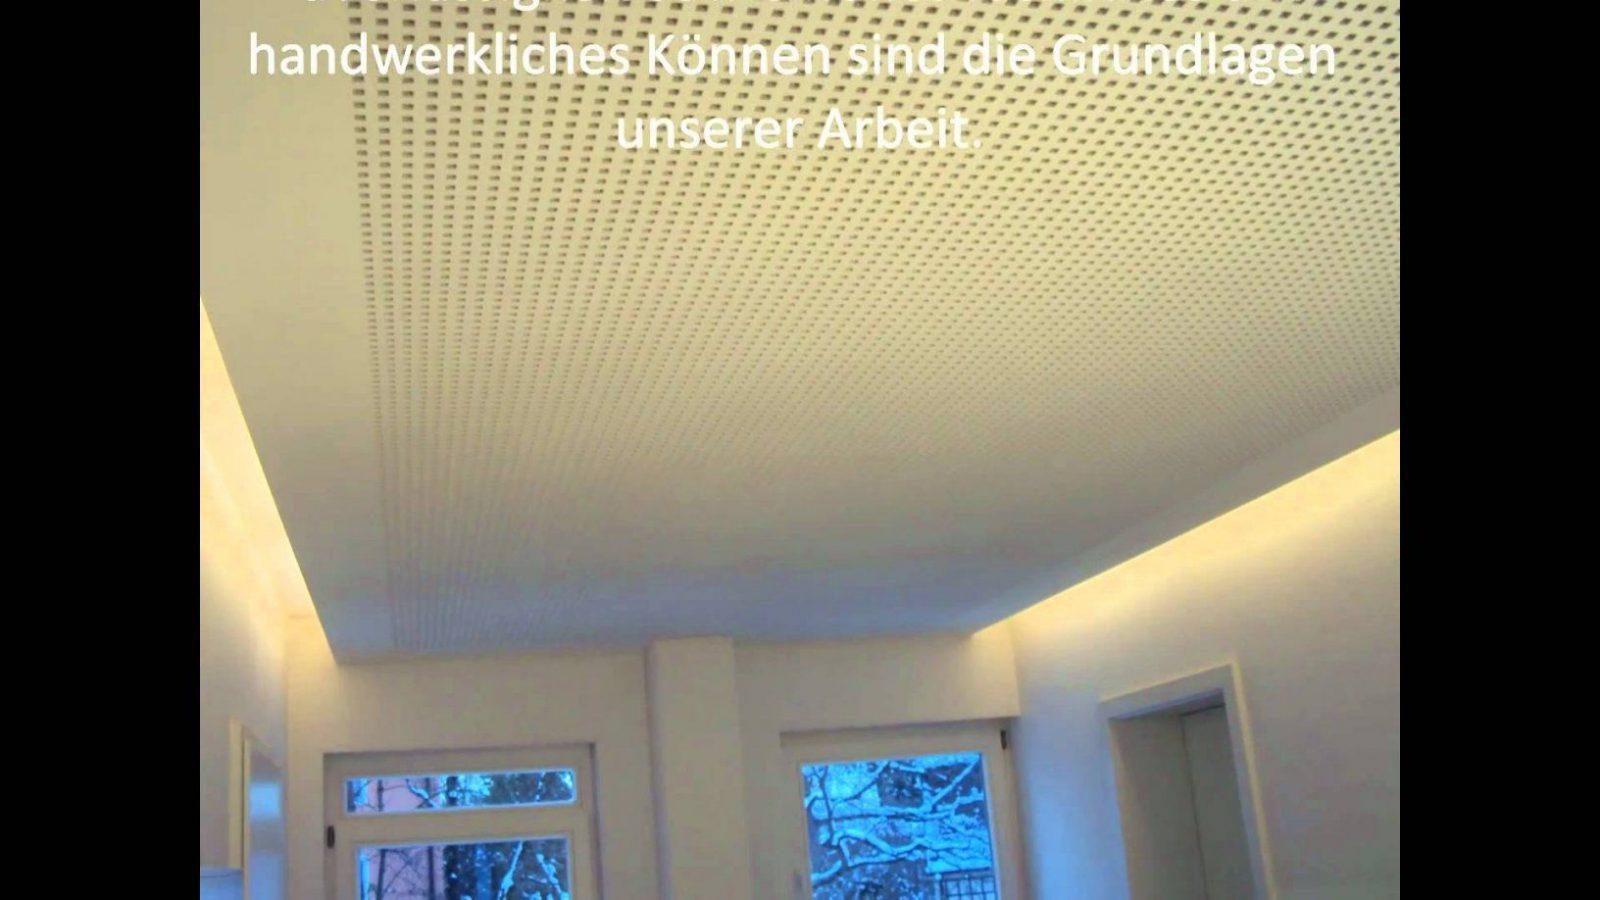 Trockenbau Indirekte Beleuchtung Anleitung Mit Trockenbau In Munchen